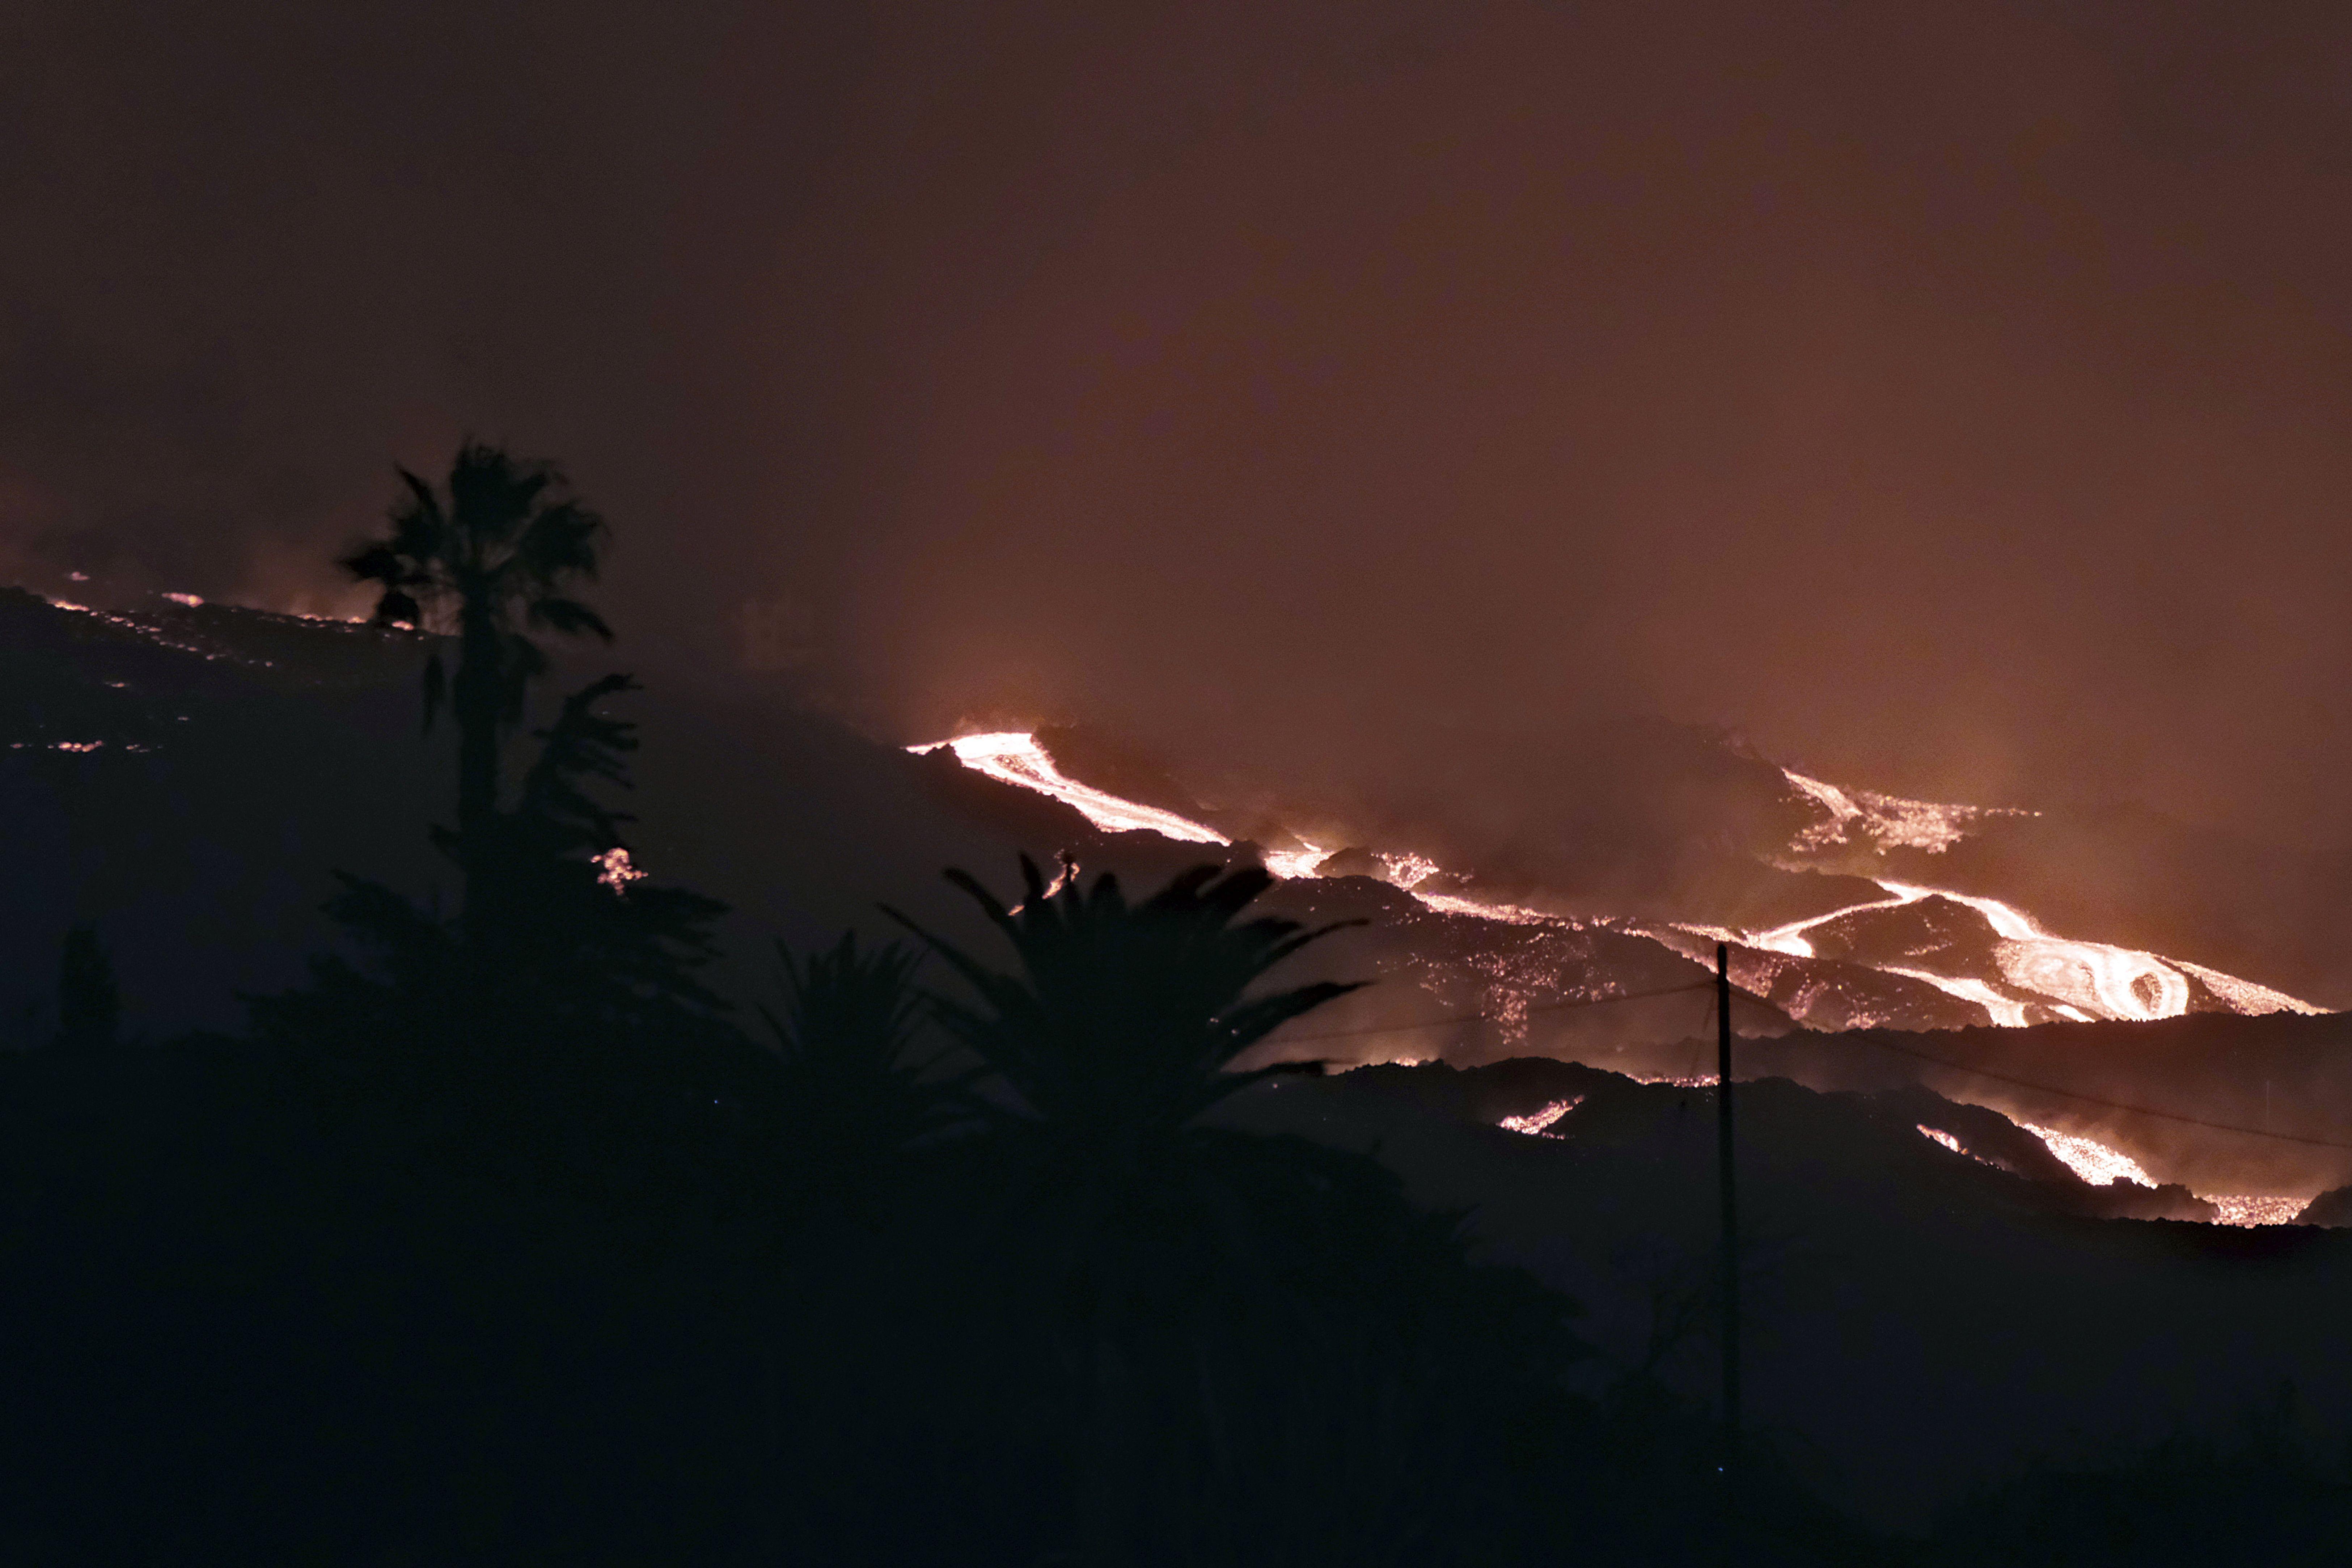 la erupcion en isla espanola continua tras 4 semanas